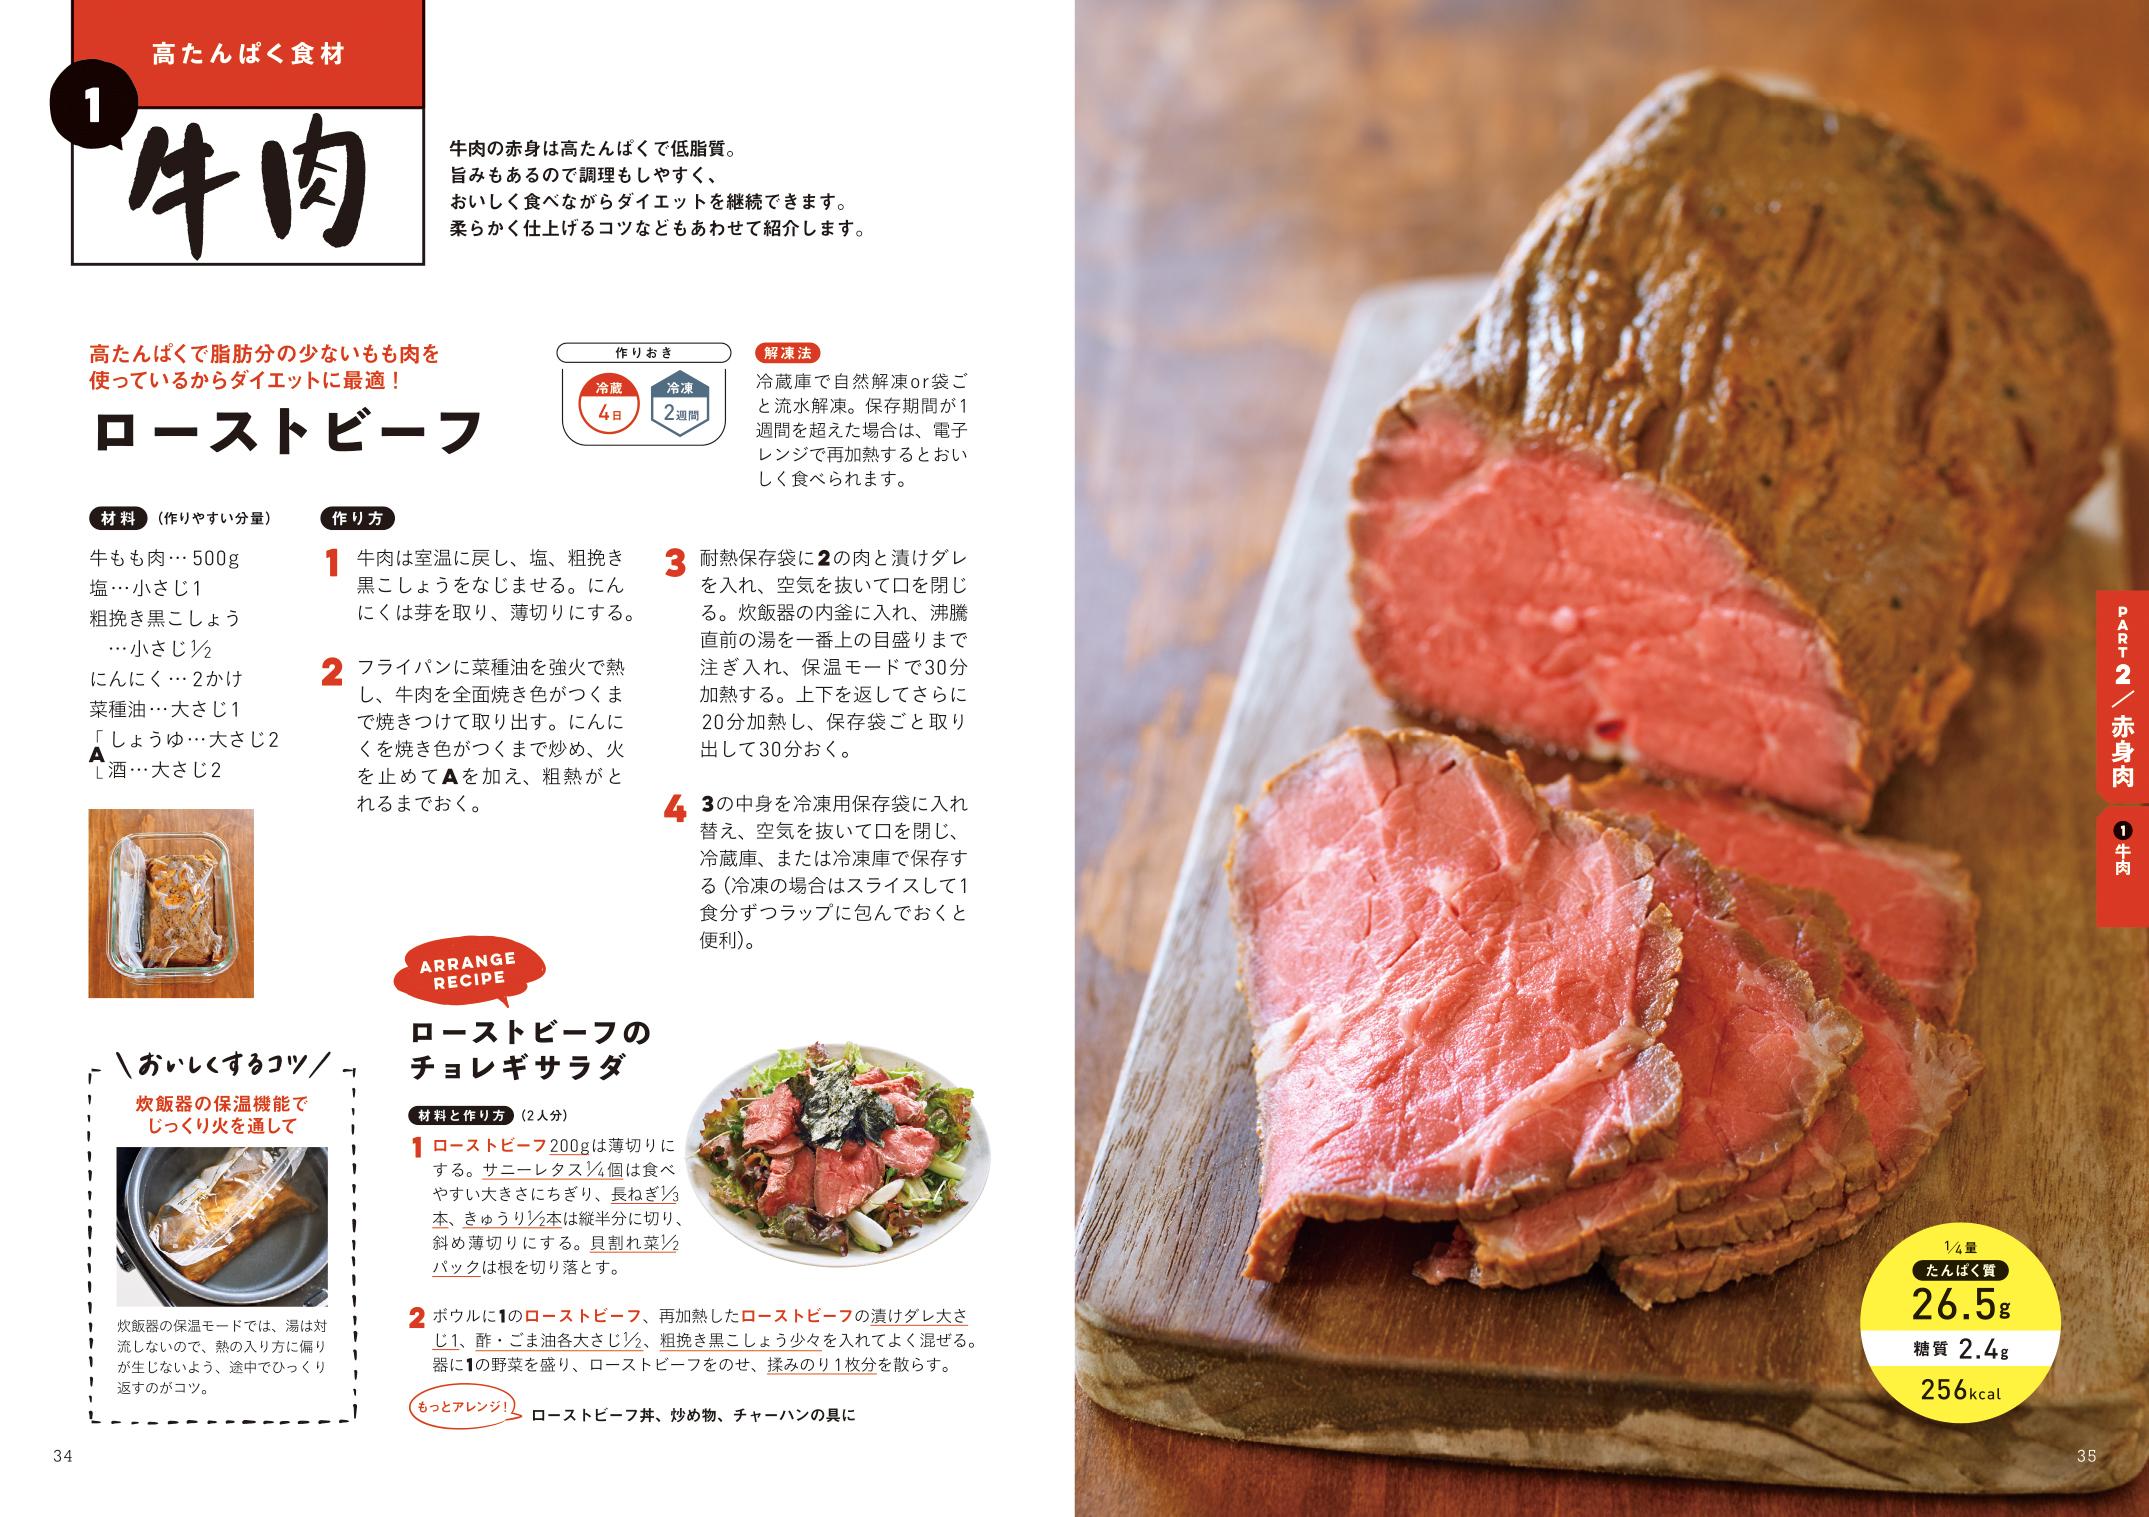 「炊飯器で作れる本格派ローストビーフ」紙面